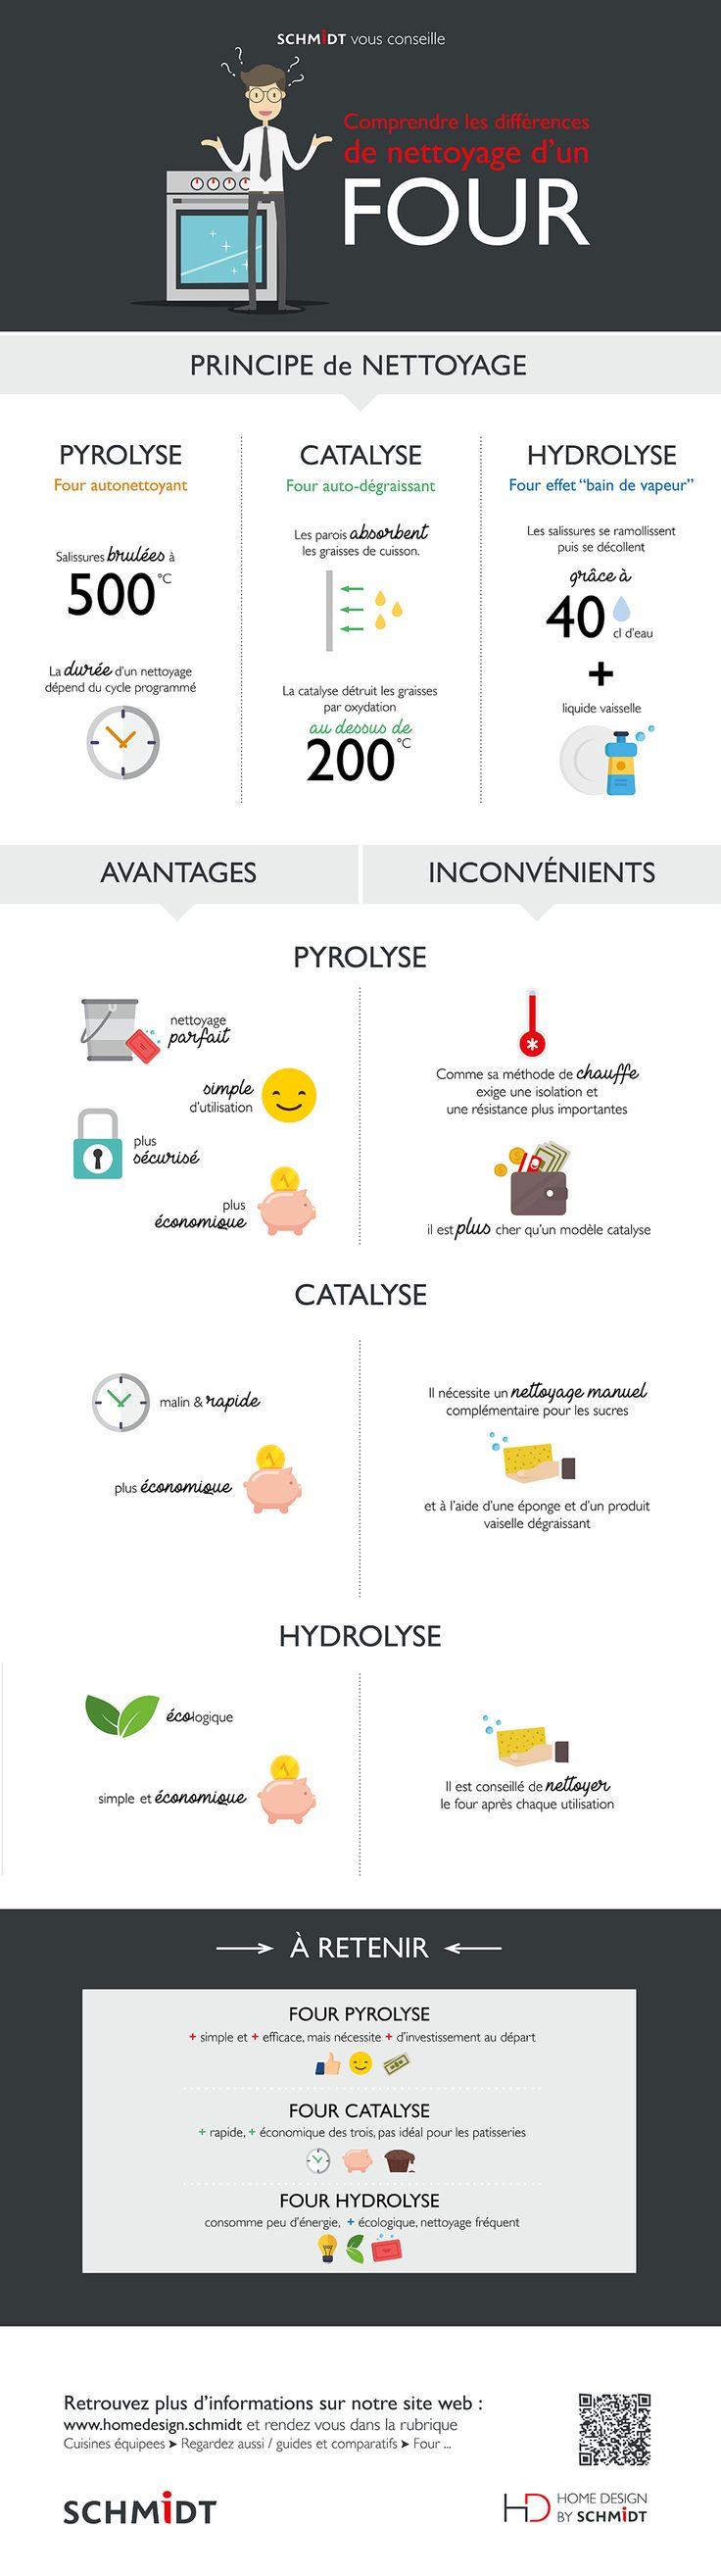 Infographie : le nettoyage de votre four, pyrolyse, catalyse ou hydrolyse ?